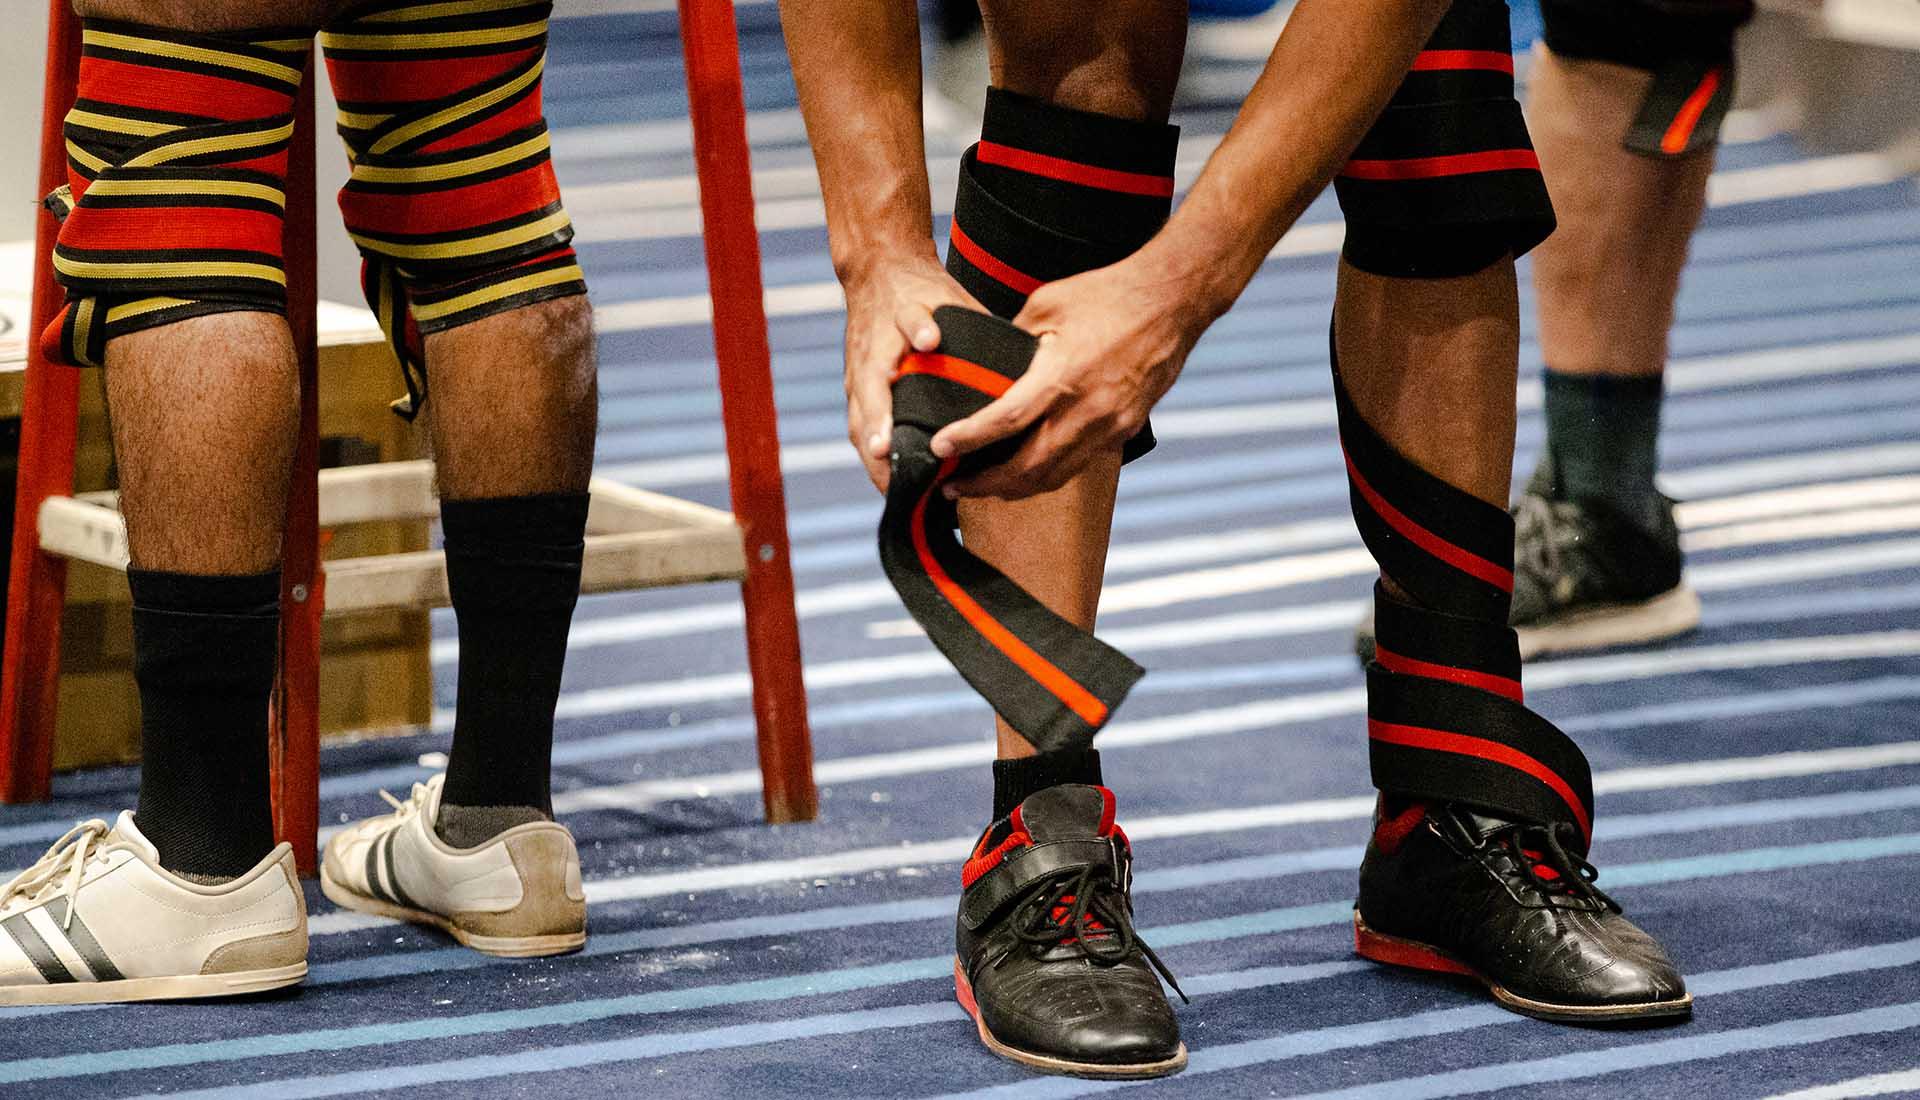 Legs, athlete powerlifter in knee wraps.